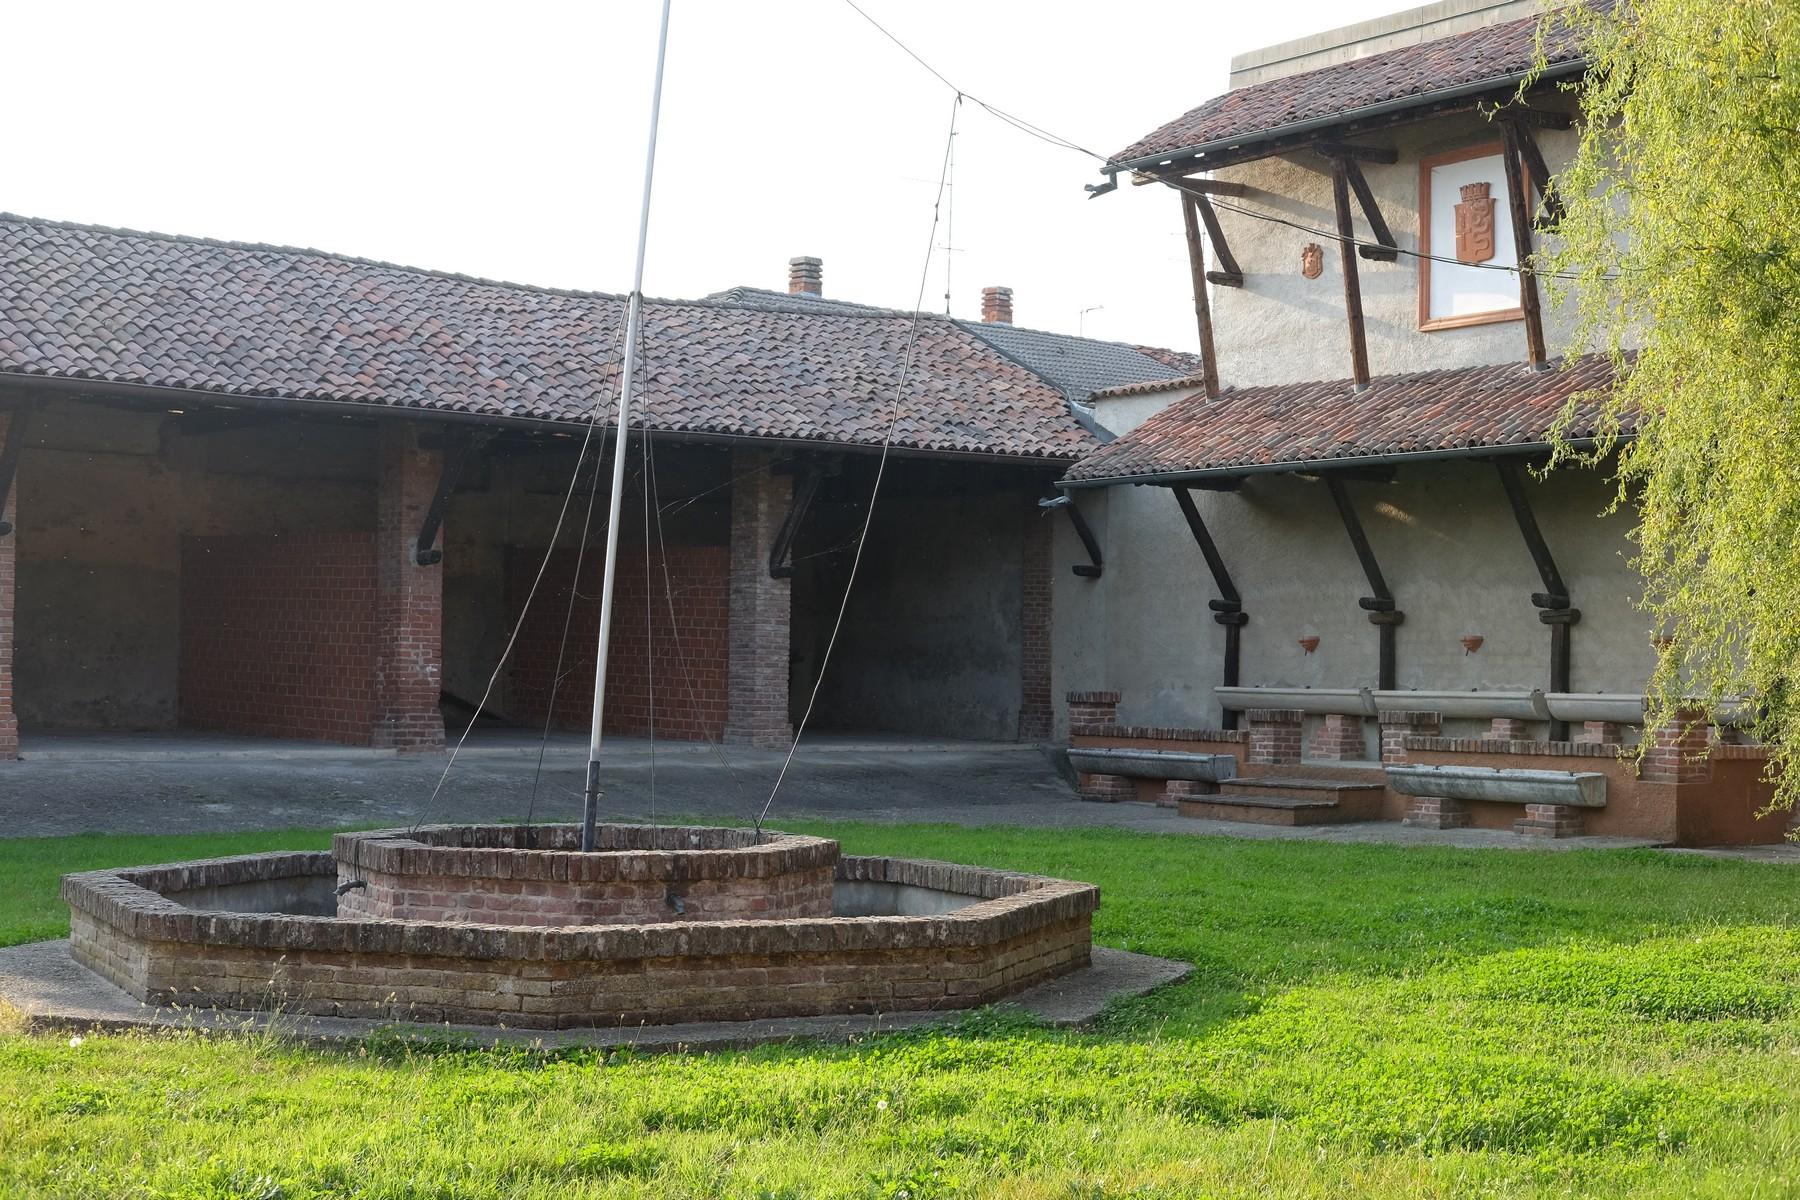 Rustico in Vendita a Castelnovetto: 5 locali, 2000 mq - Foto 3